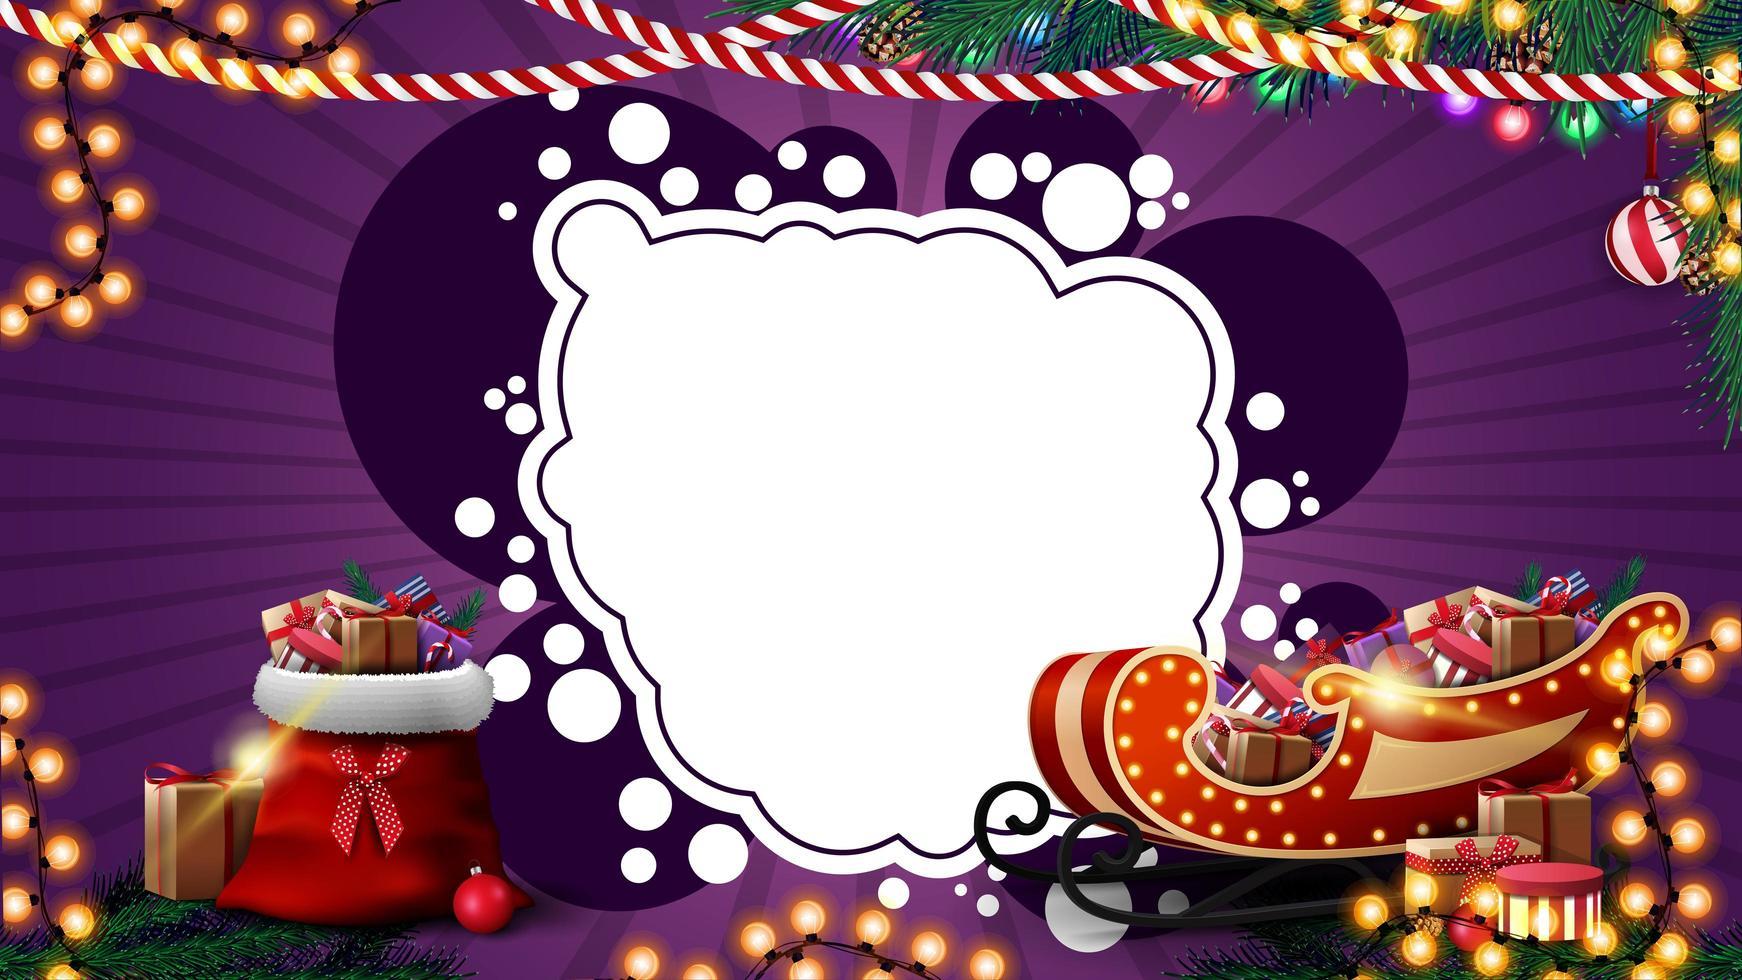 lila Weihnachtsschablone für Postkarte oder Rabatt mit Girlanden, weiße abstrakte Wolke für Ihren Text, Weihnachtsmann-Tasche und Weihnachtsschlitten mit Geschenken vektor